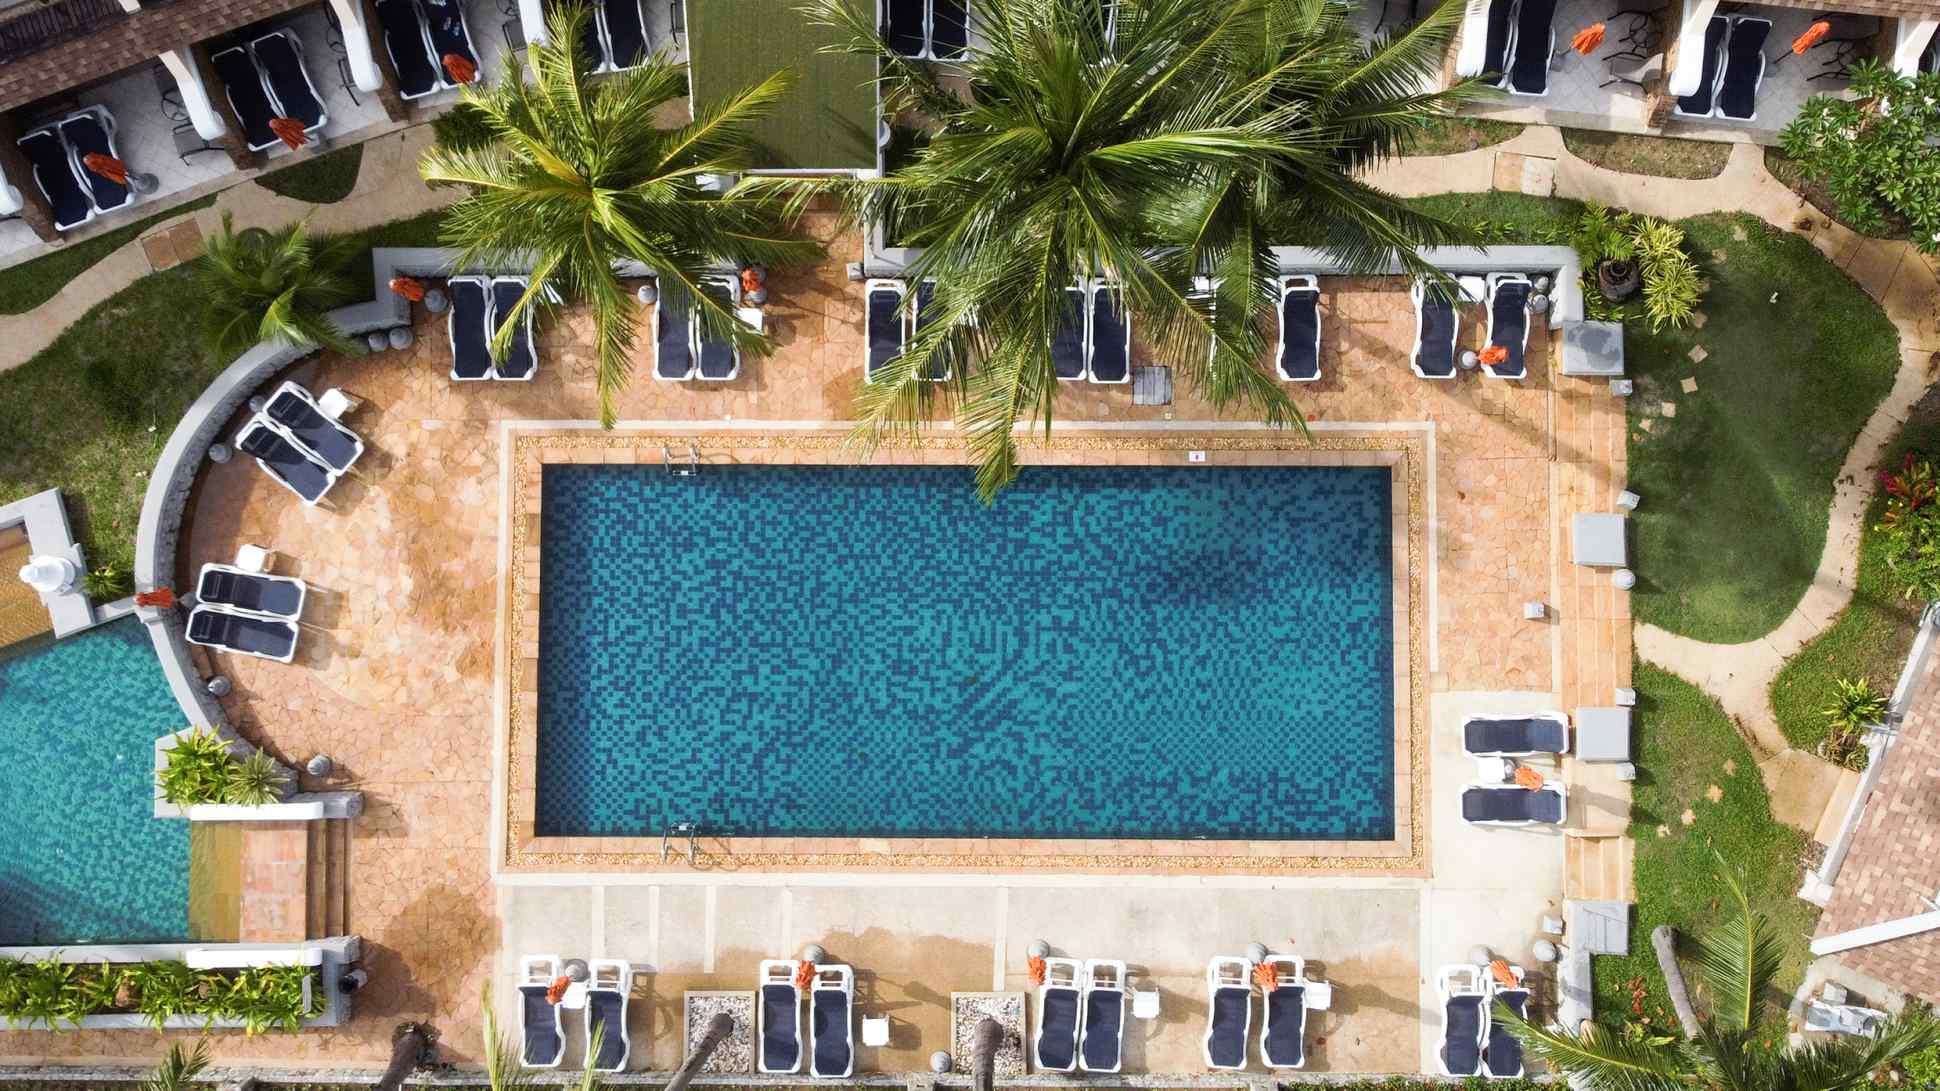 Đảo Phuket – Thái Lan và Bali - Indonesia sẽ đón hàng nghìn khách du lịch quốc tế từ tháng sau